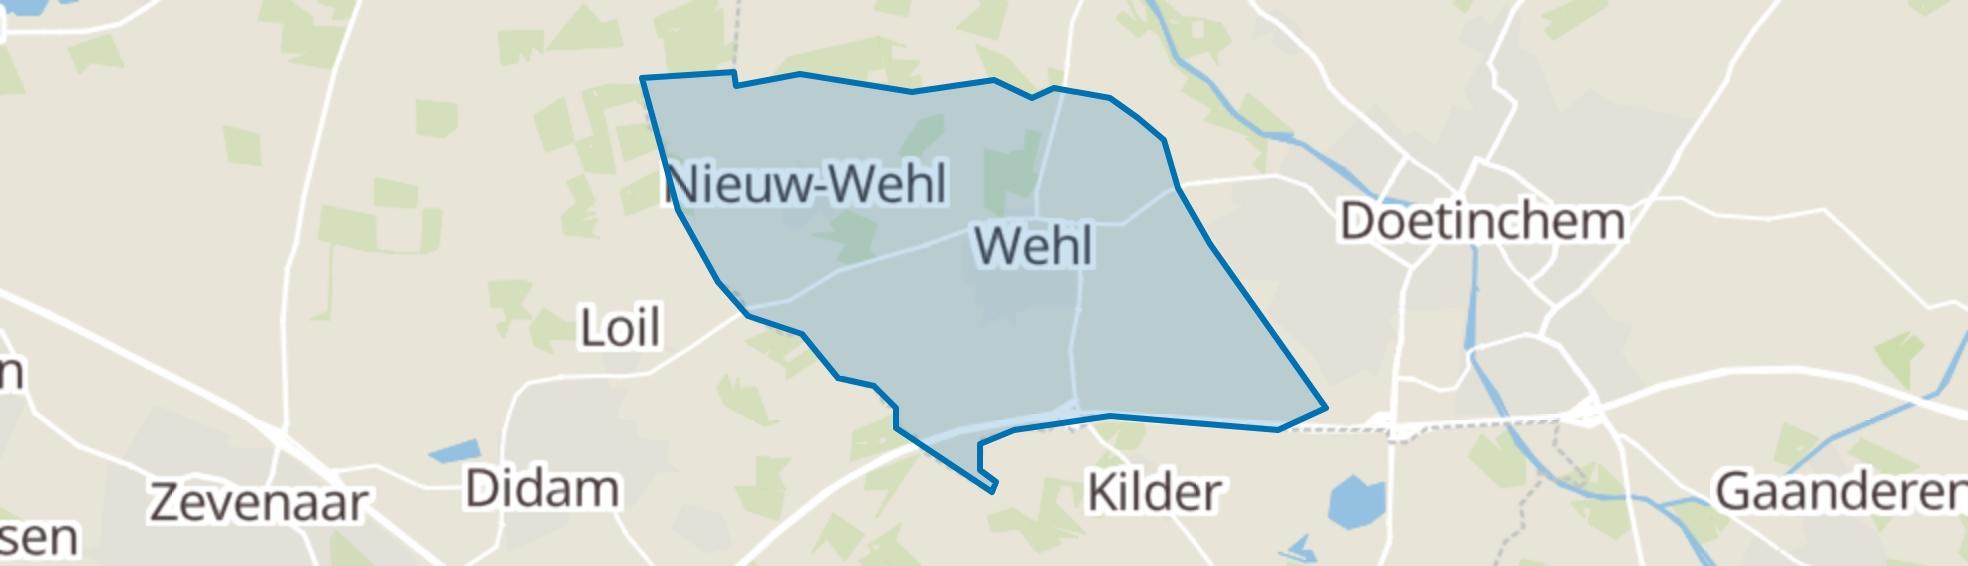 Wehl map